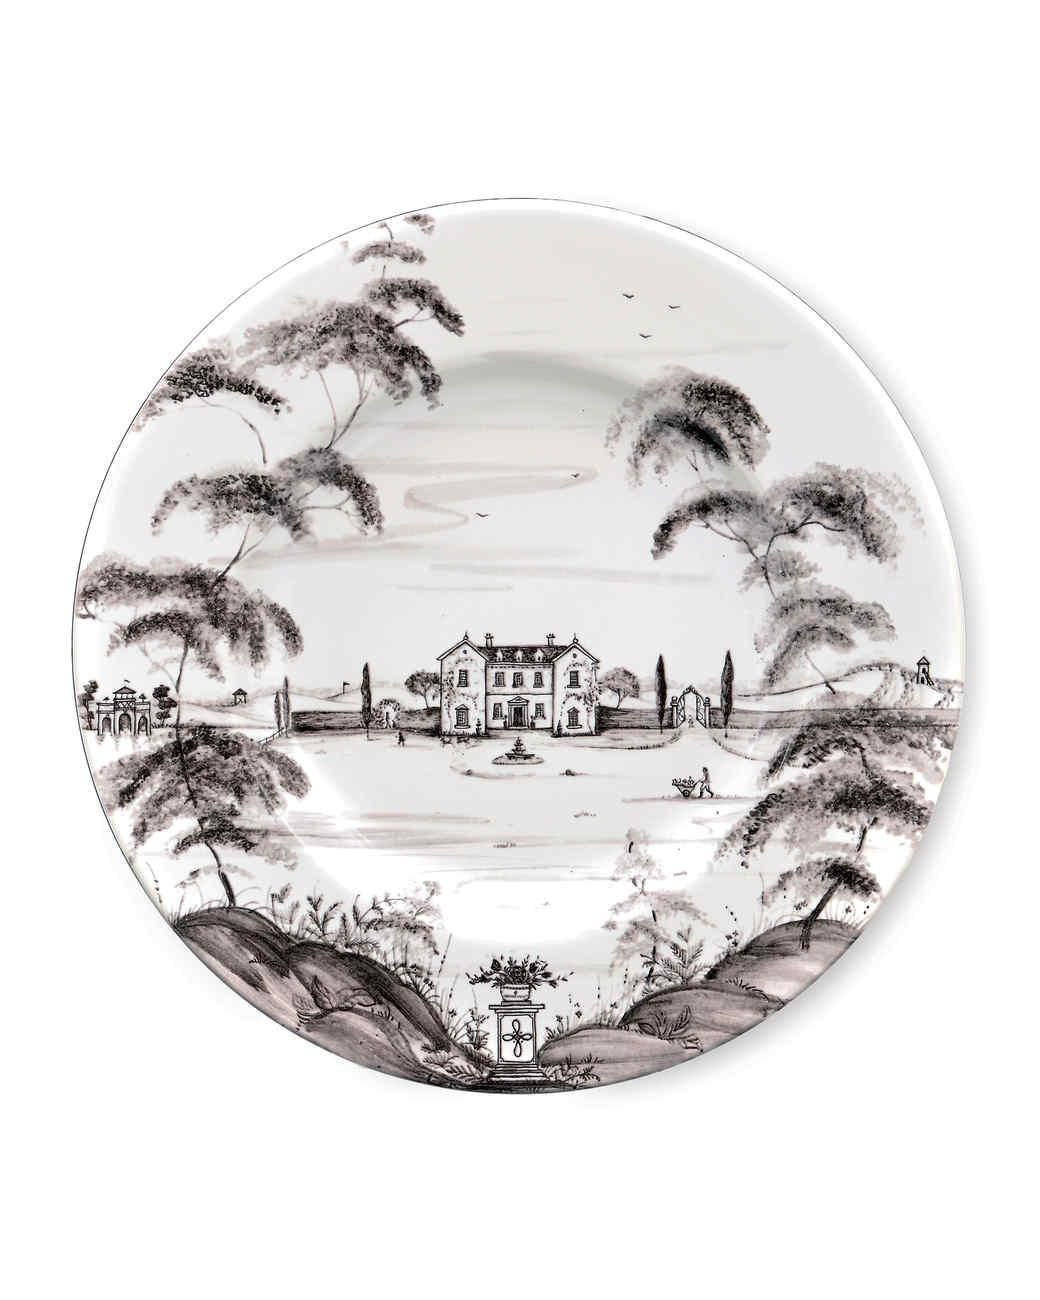 dinner-plate-ms108153.jpg